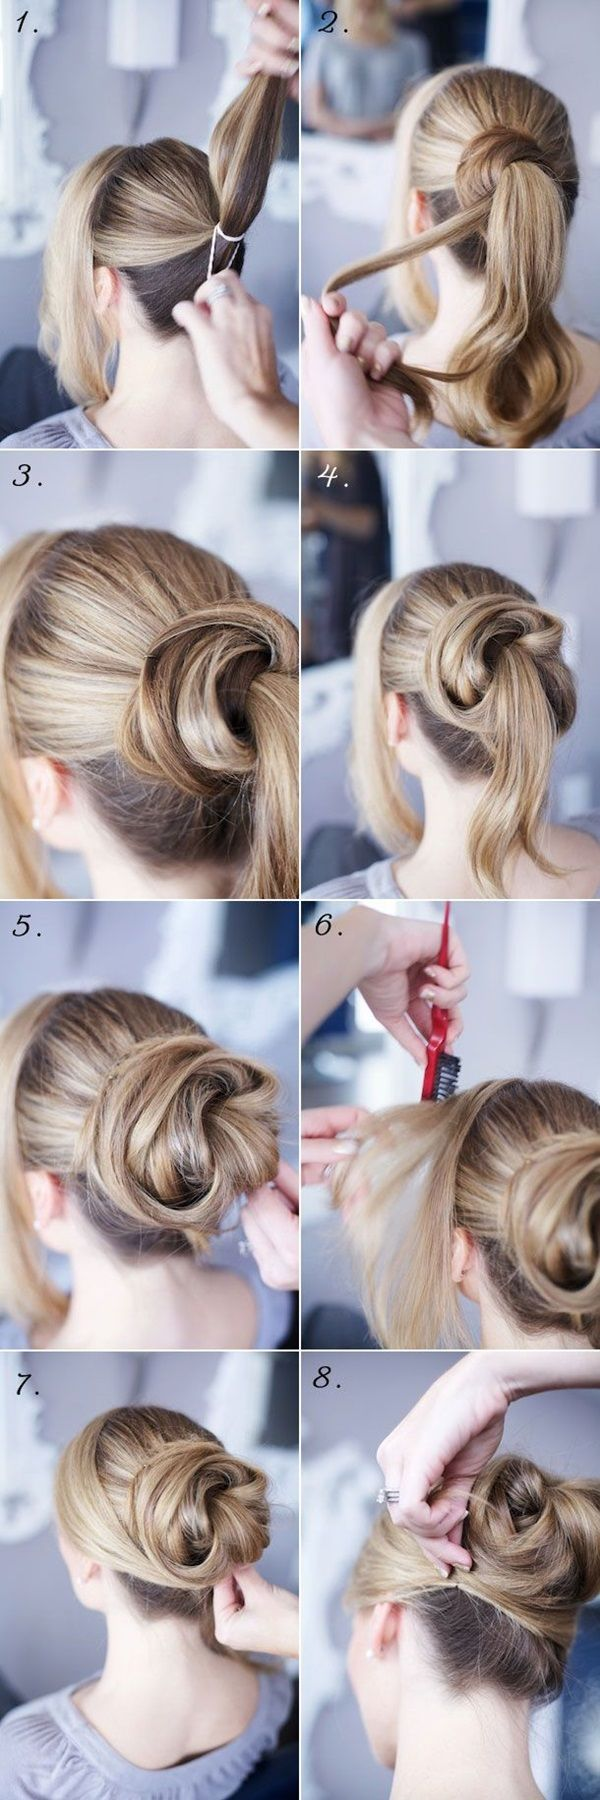 25 Peinados Faciles 2019 Paso A Paso Moda Top Online